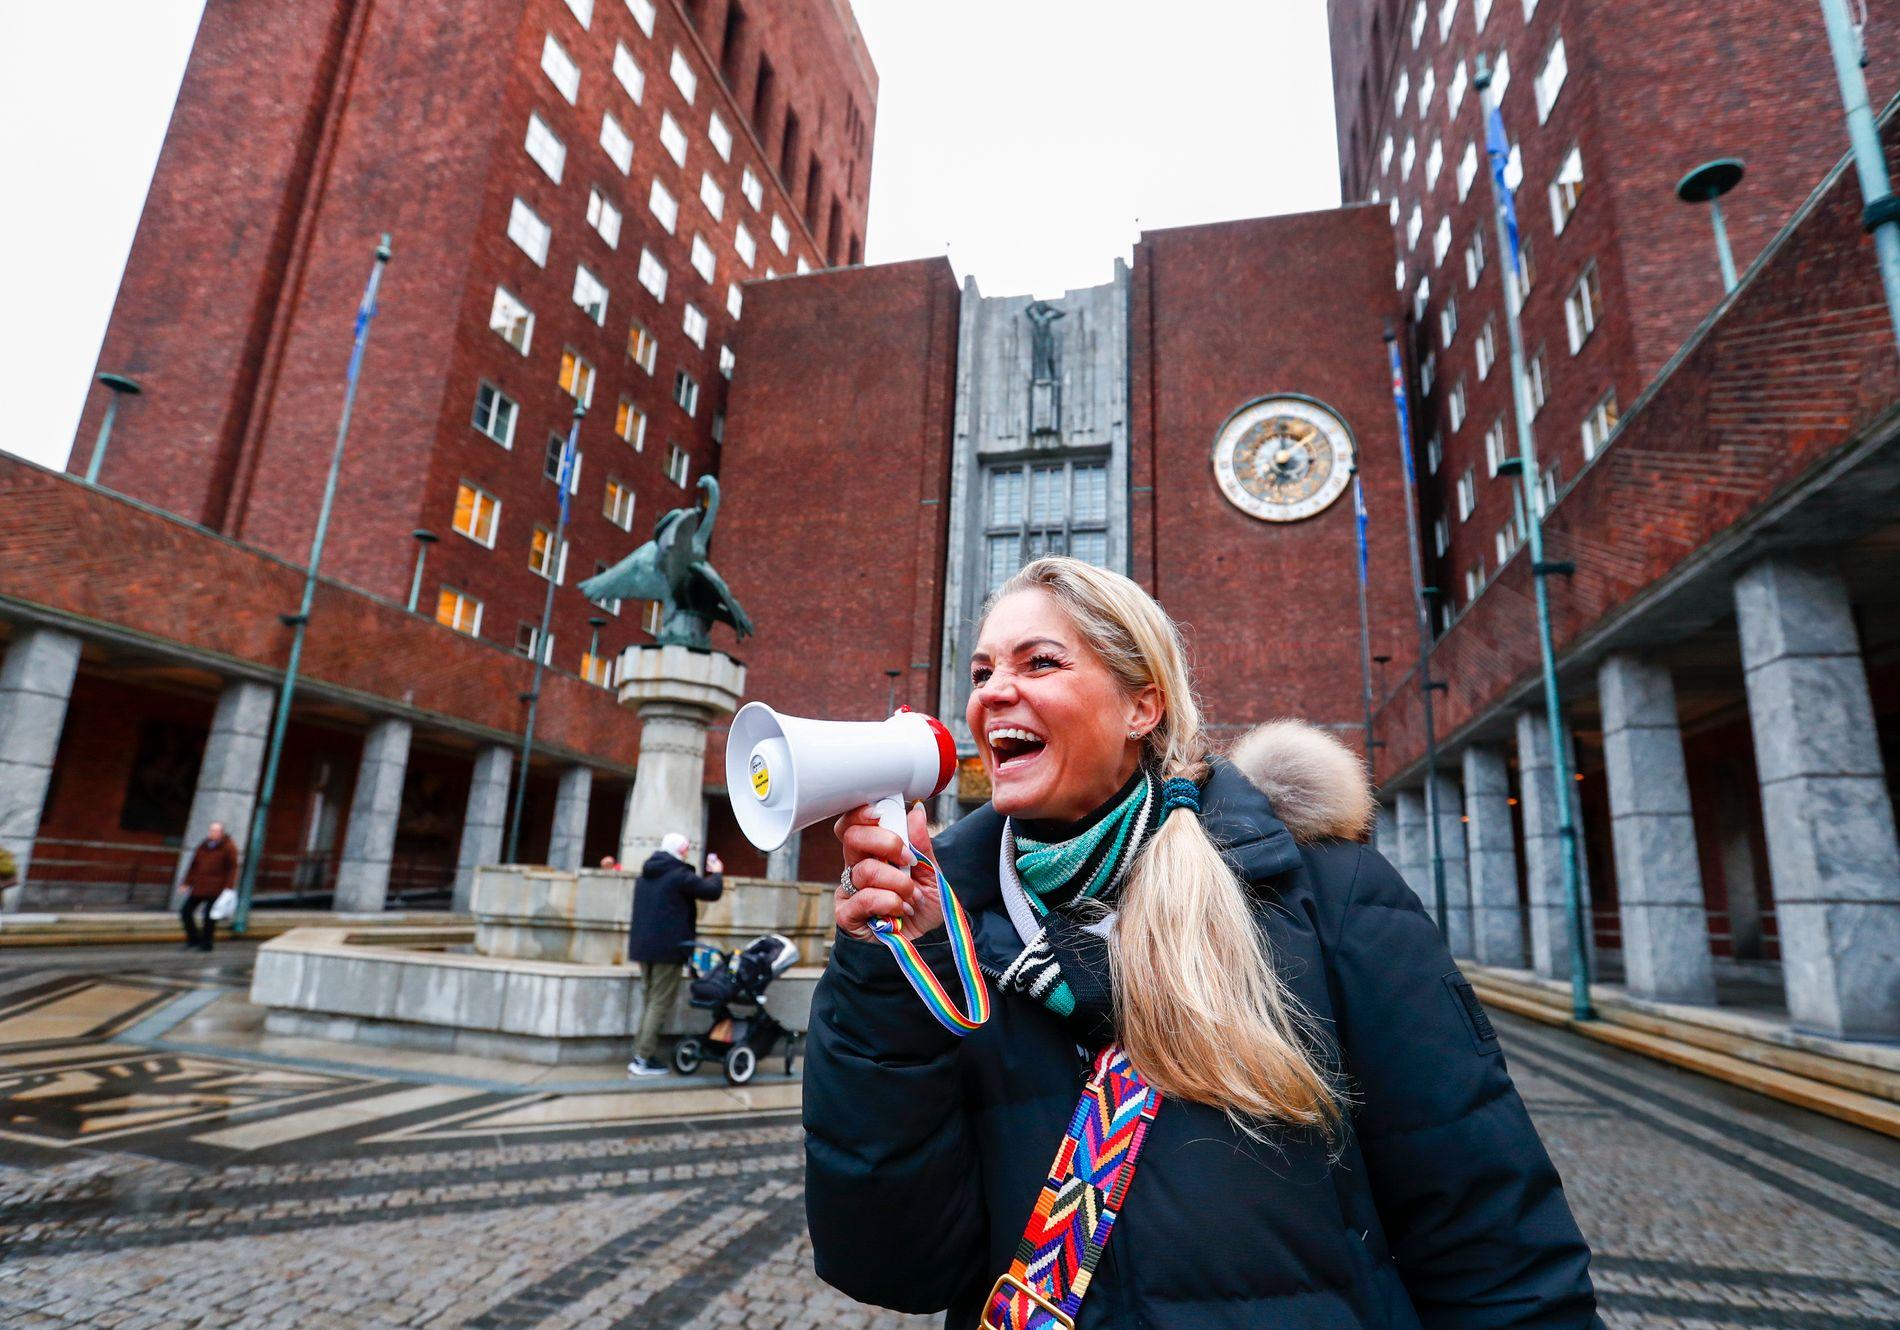 I 2017: Her er Cecilie Lyngby i november 2017 da 4000 mennesker møtte utenfor Oslo rådhus for å markere sin misnøye med bomring og økning av avgifter i Oslo.